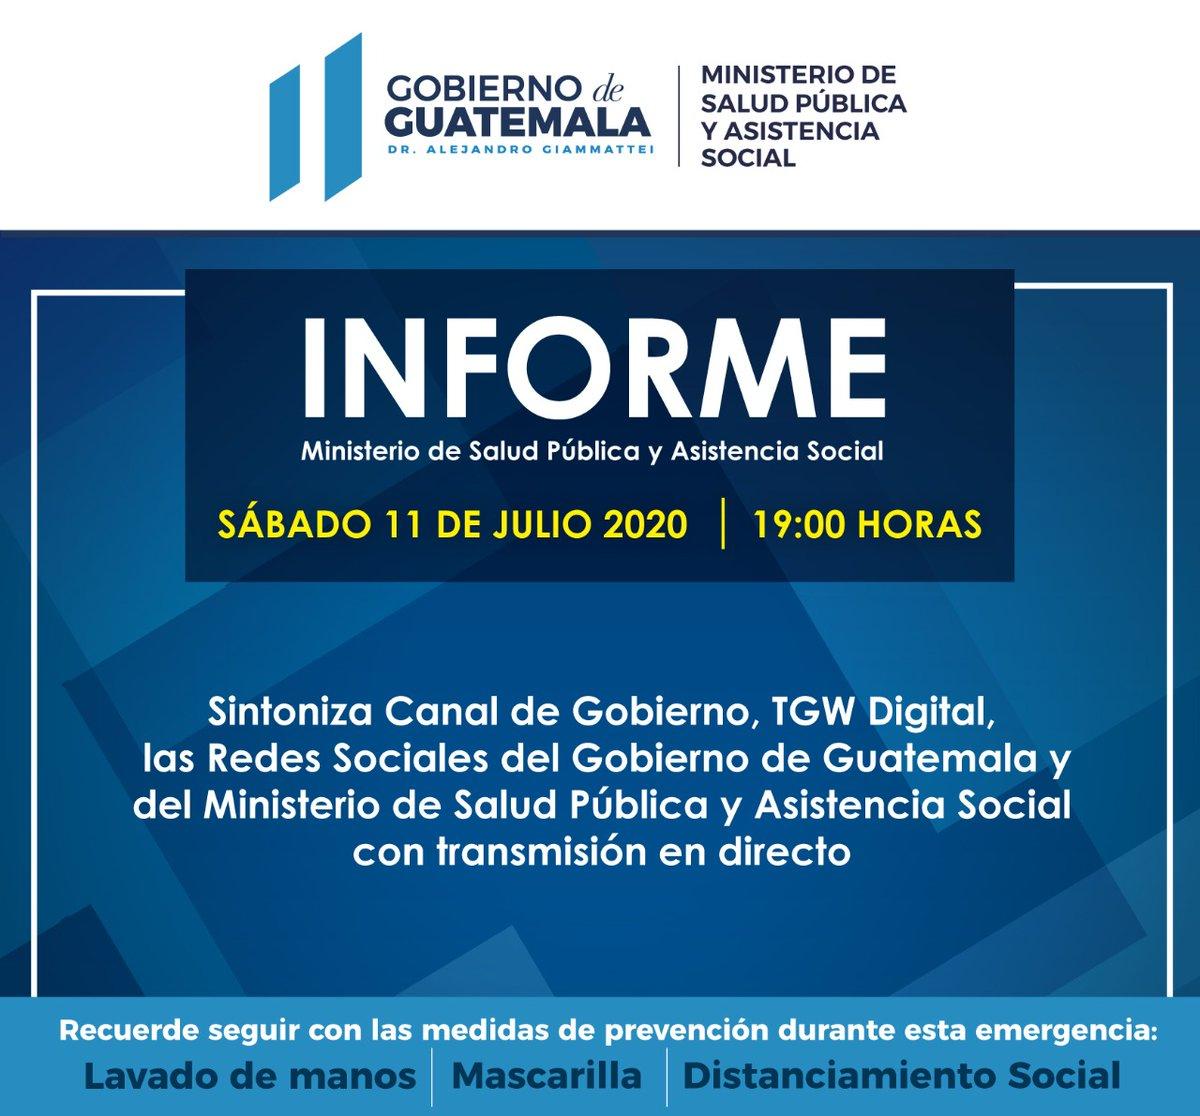 test Twitter Media - #AHORA El MInisterio de Salud anuncia que dará informe este sábado a las 19:00 horas. https://t.co/dMcHWc6Kfb